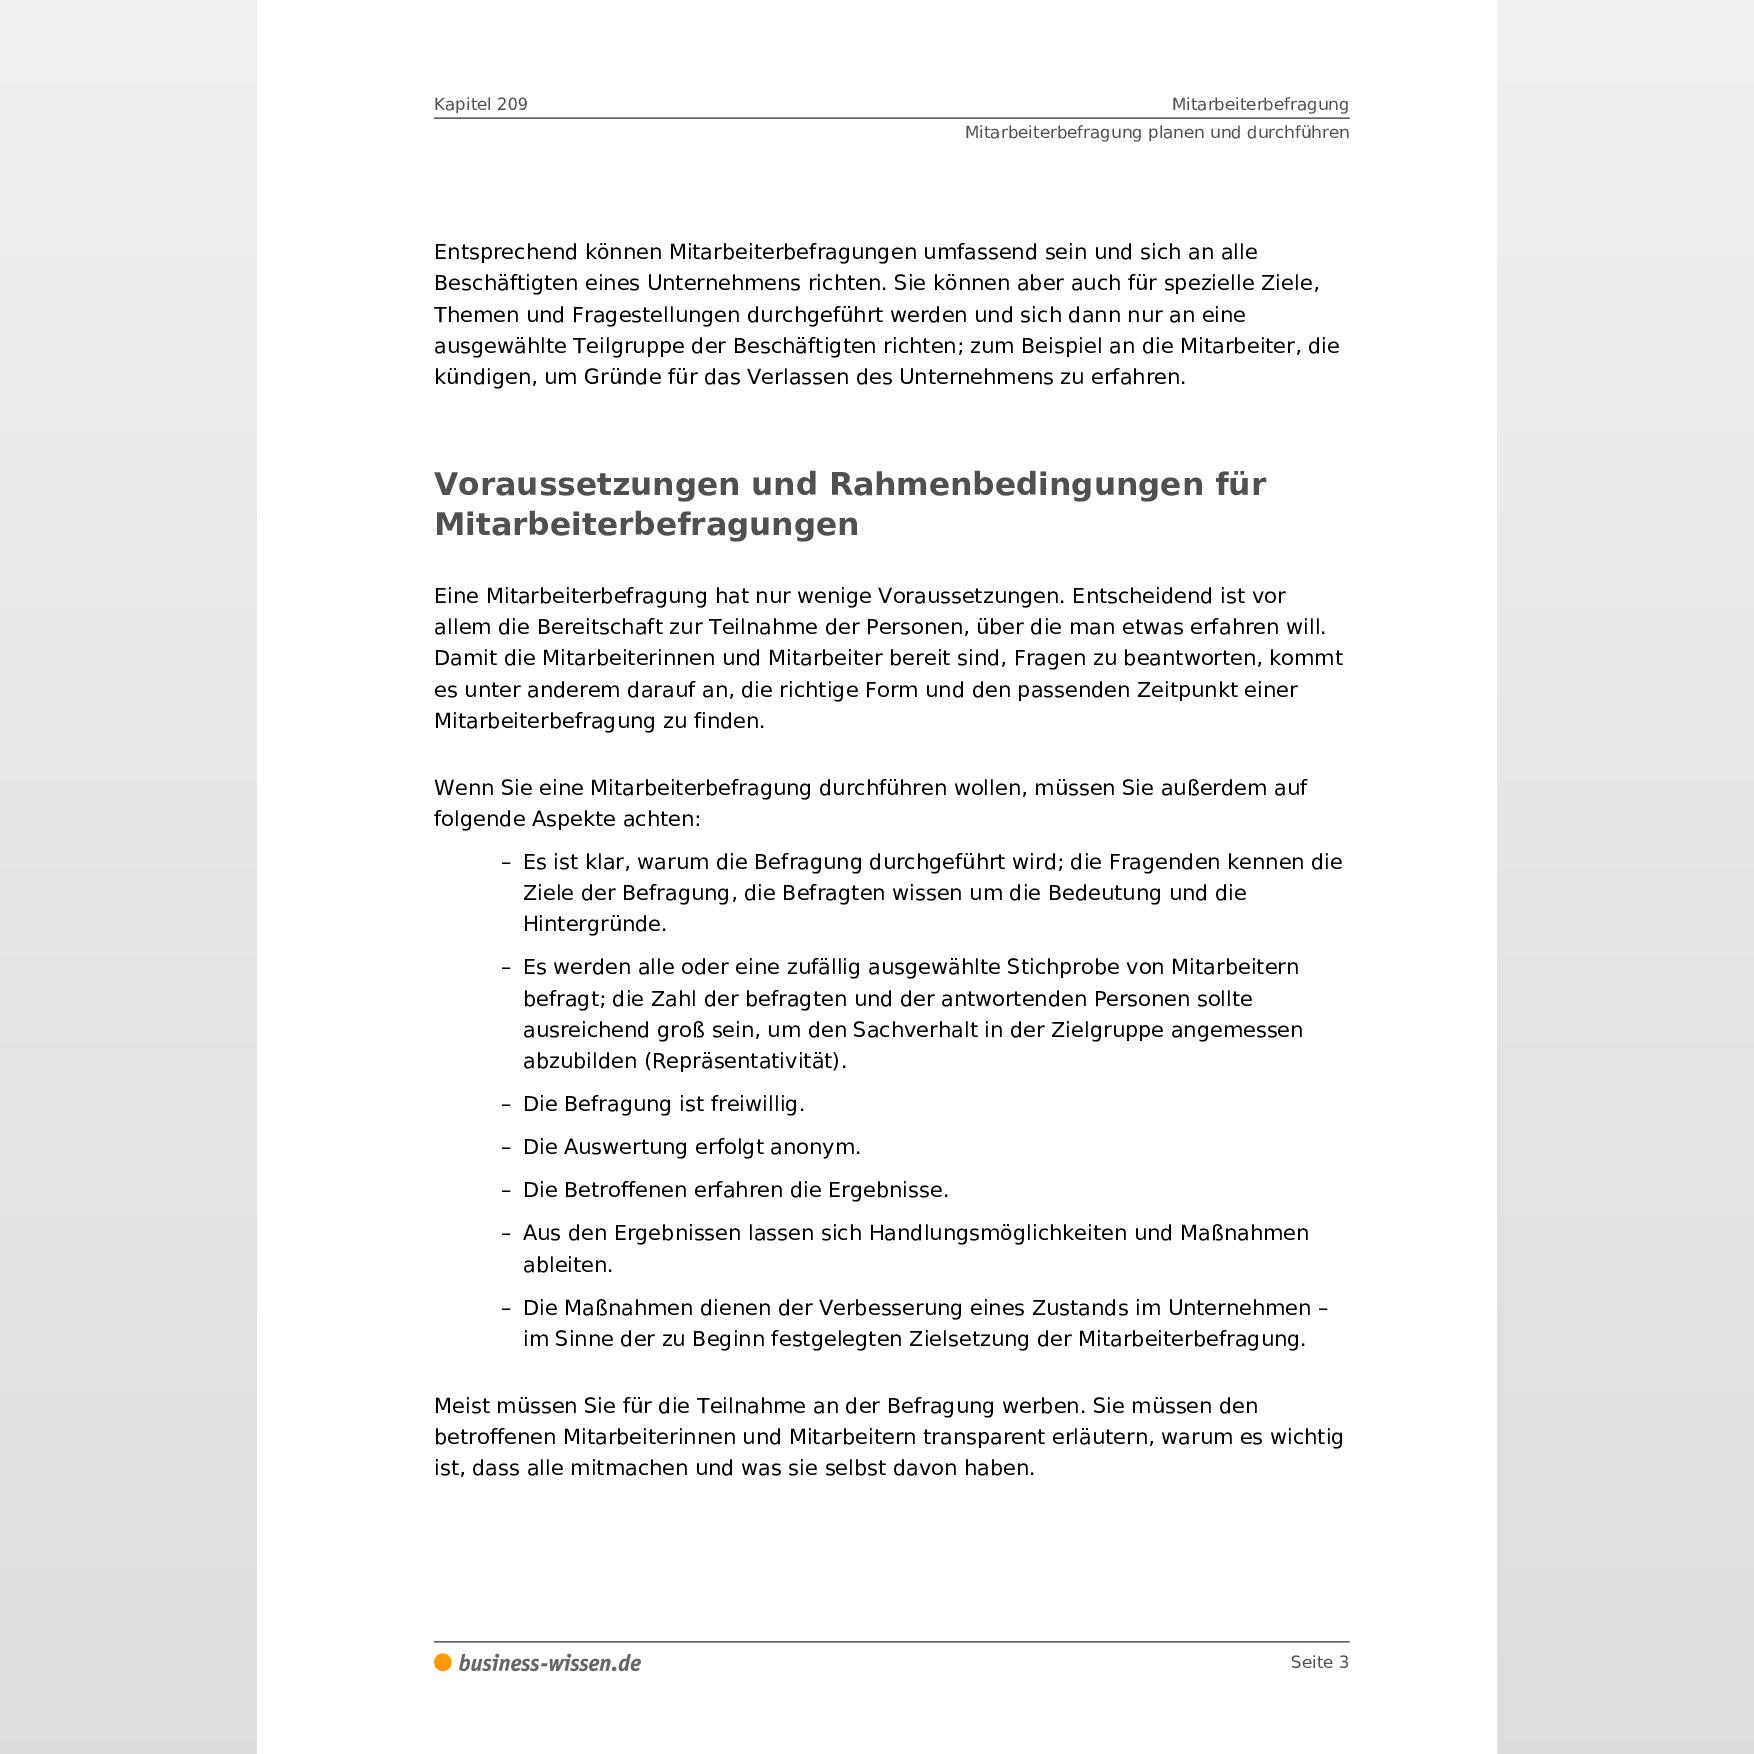 Mitarbeiterbefragung Kapitel 209 Business Wissen De